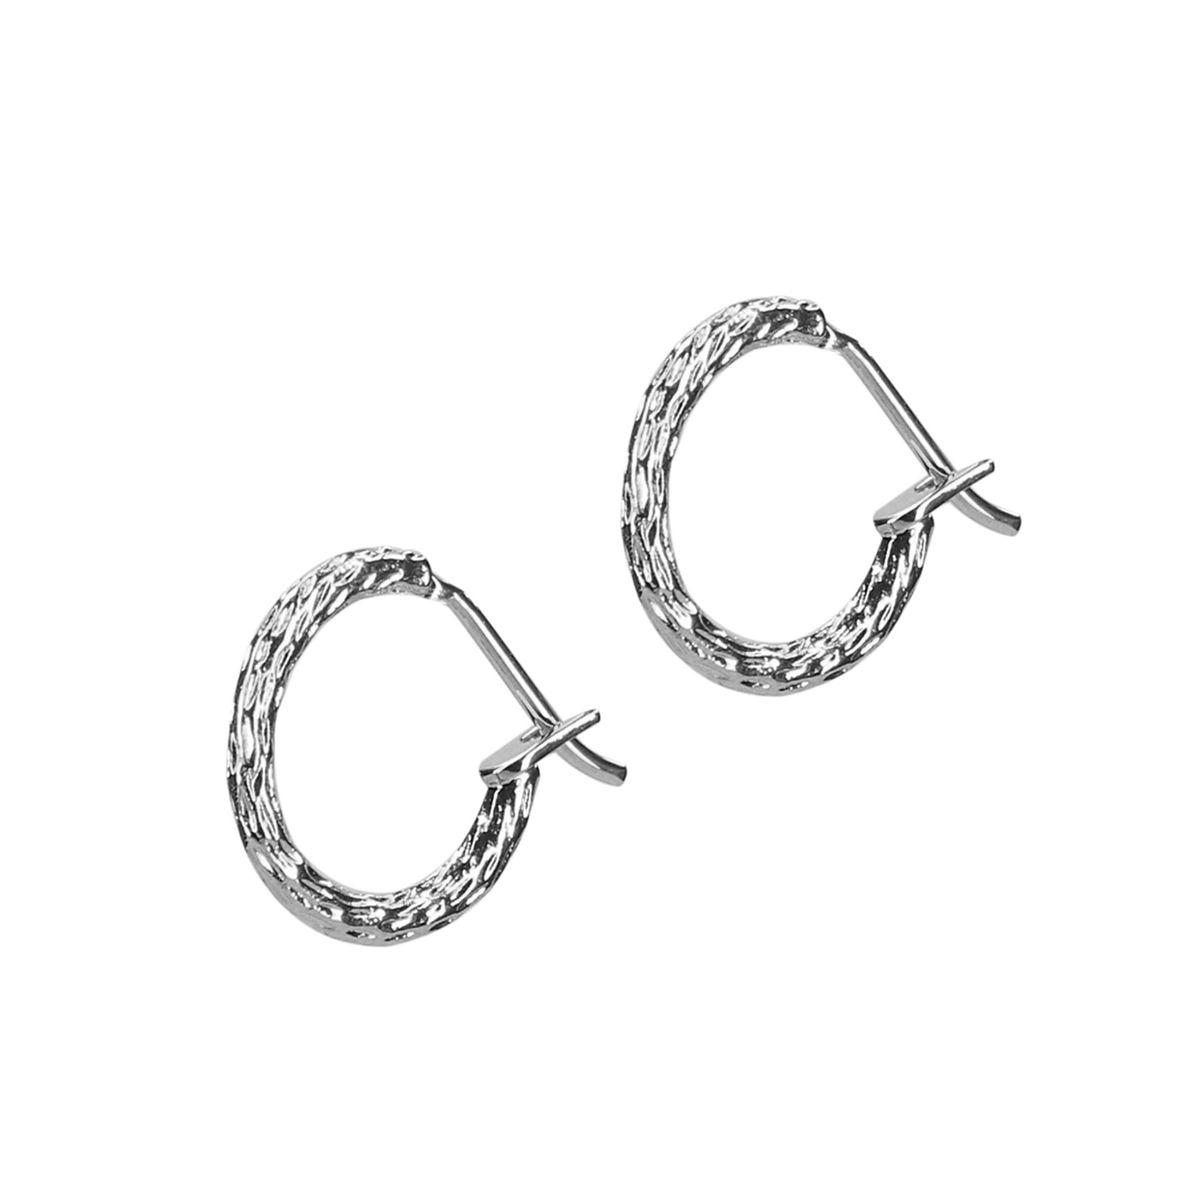 Boucles d'oreille nervurées - argenté (Maat Onesize) - LUZ - Modalova